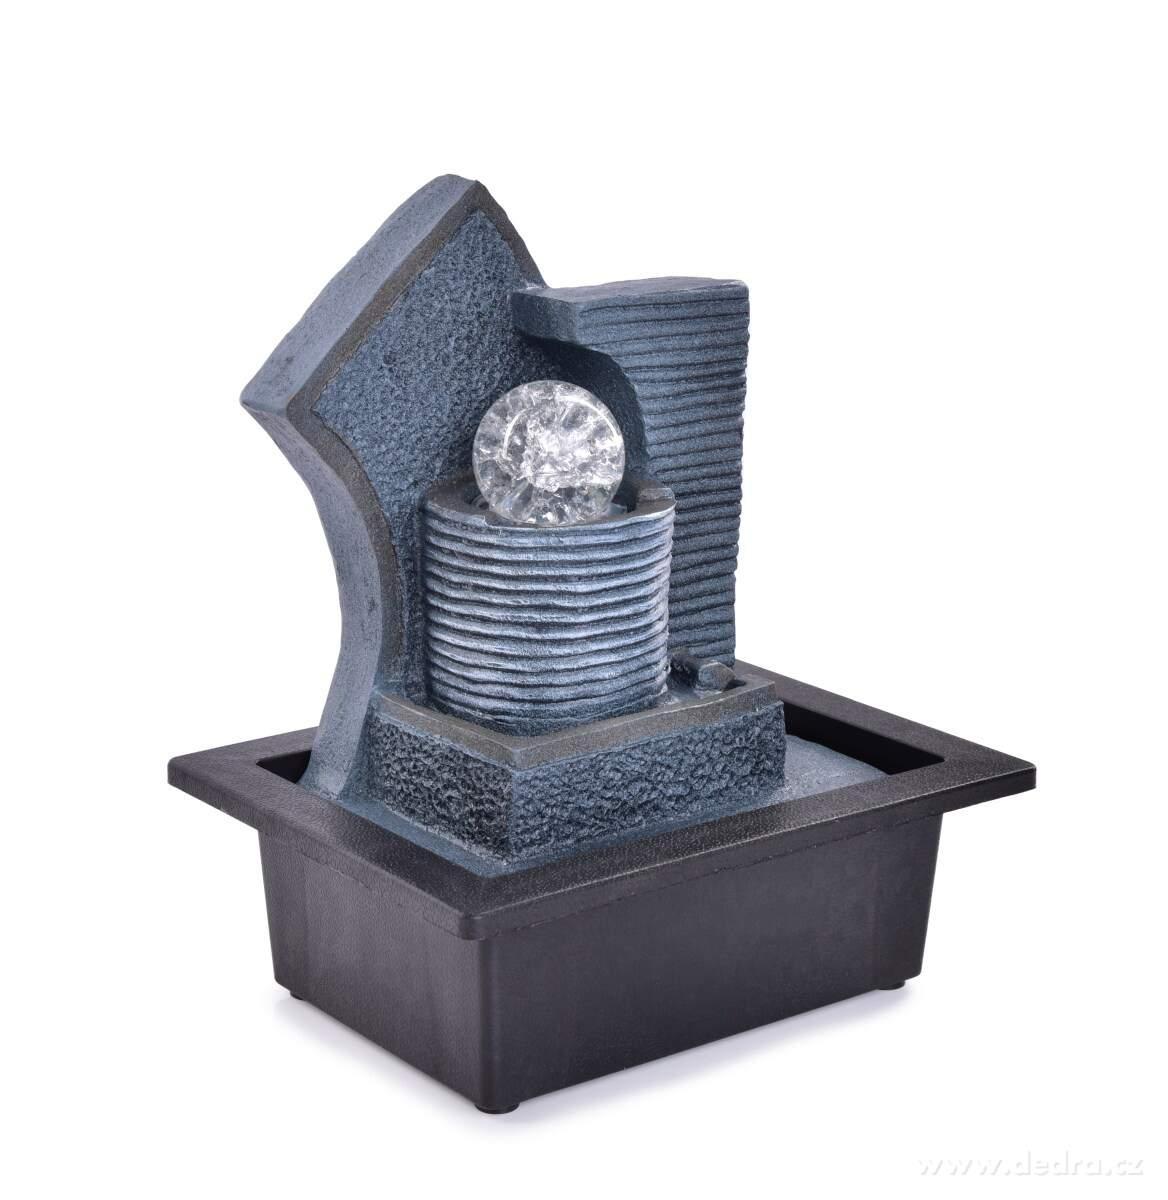 Dedra Kaskáda se zenovou koulí, pokojová fontána, s LED osvětlením